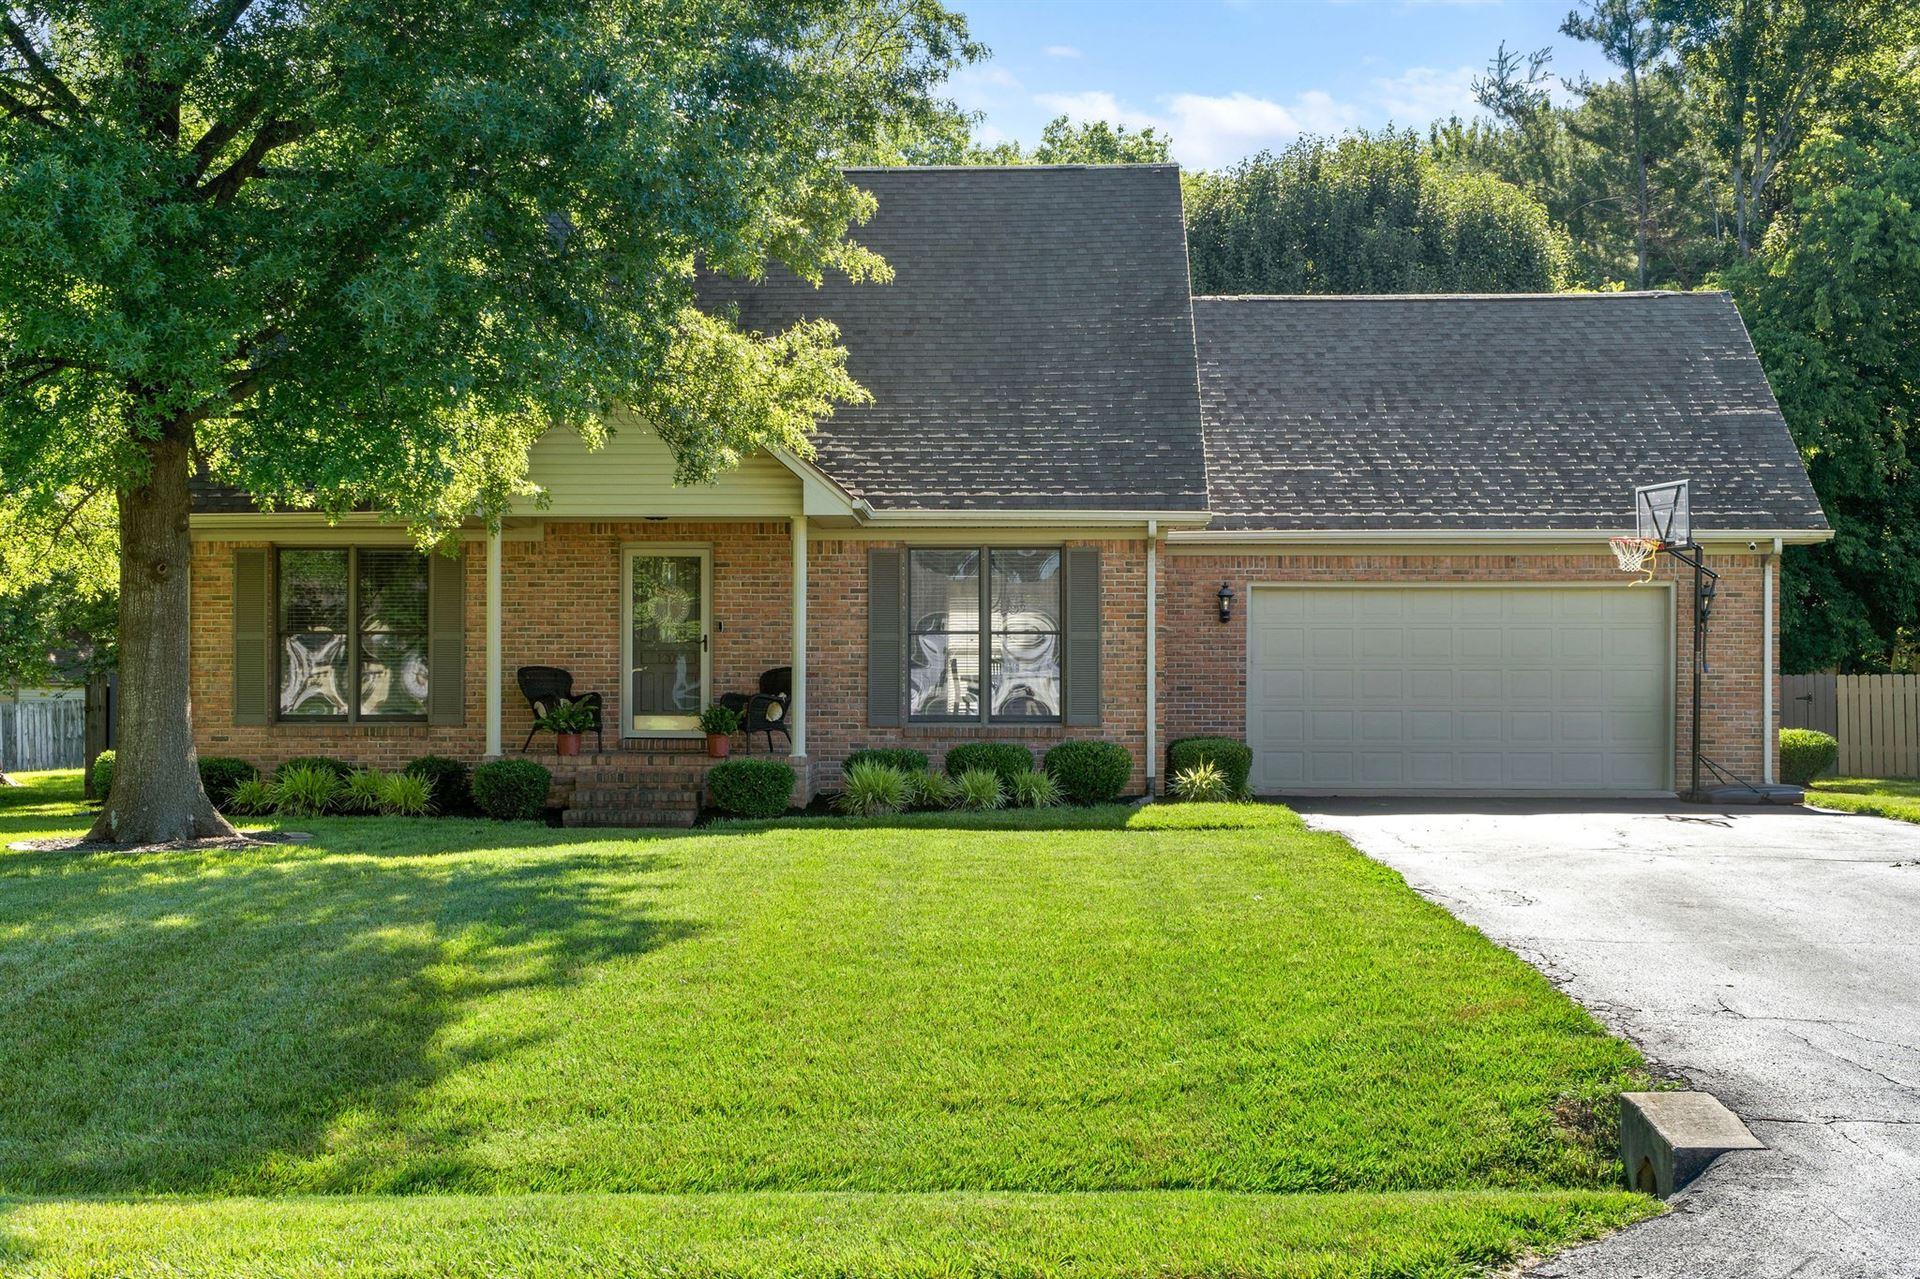 1209 Bark Ridge Cir, Hopkinsville, KY 42240 - MLS#: 2262925